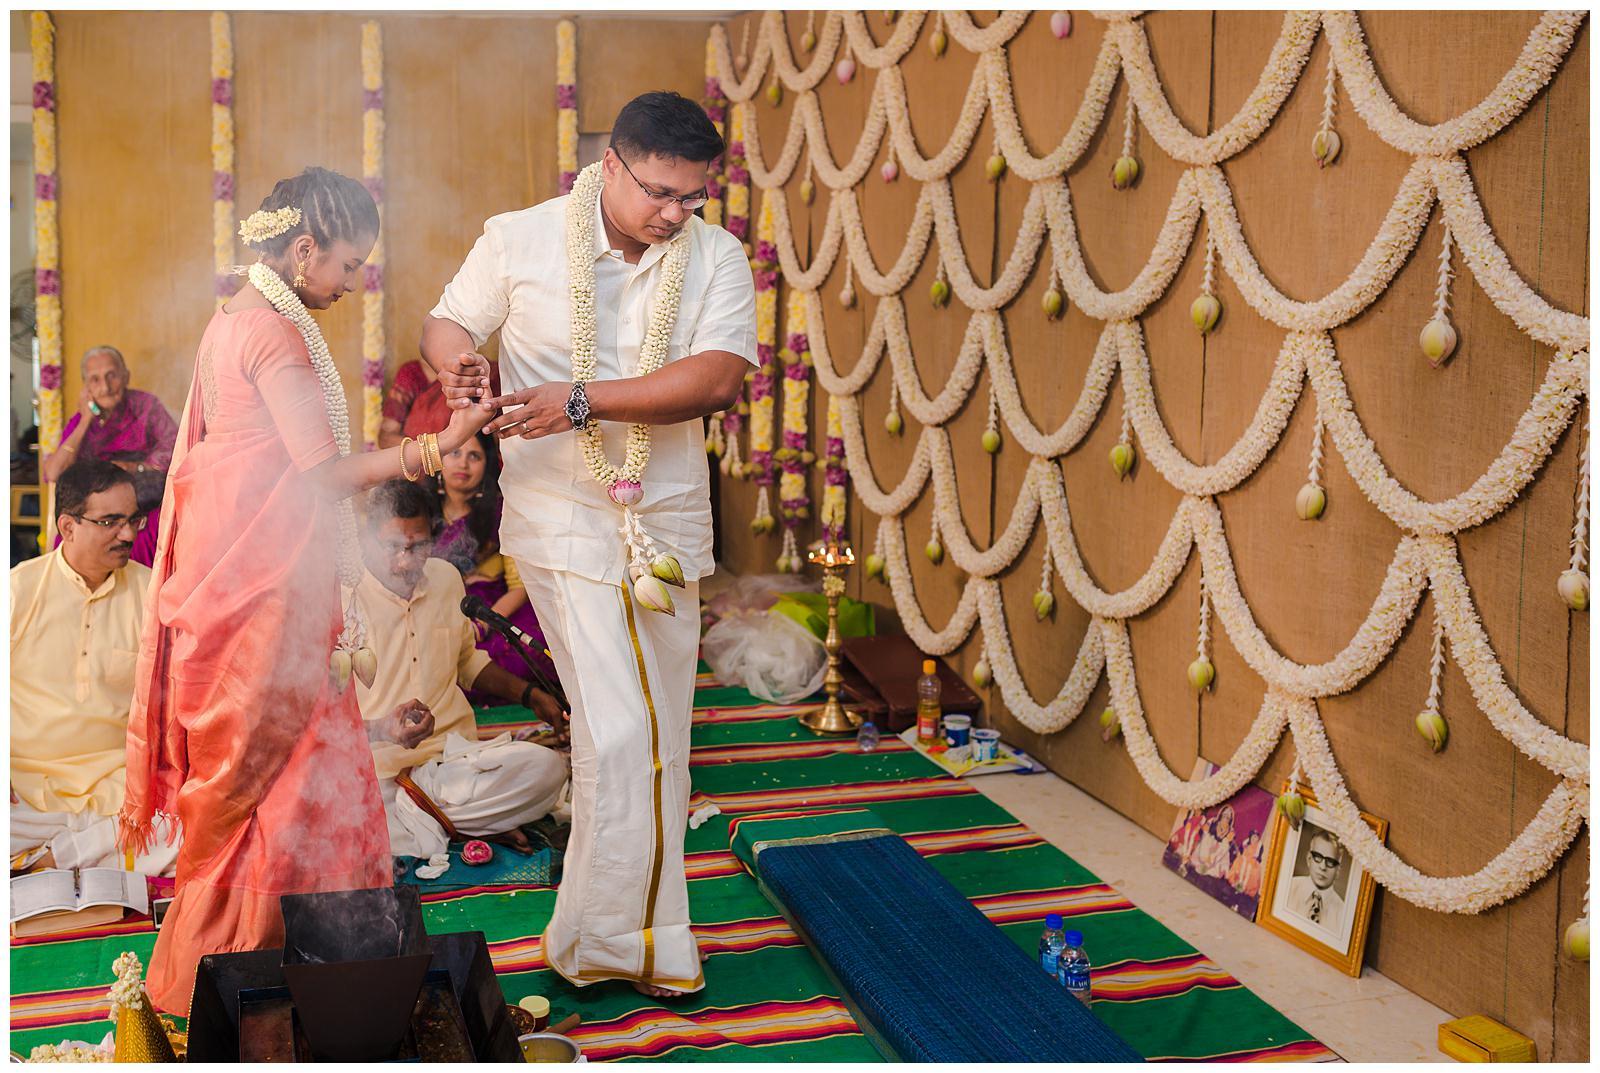 22012018-Siddharth-Shradha-Wedding-Candid-SR226-499-35.jpeg